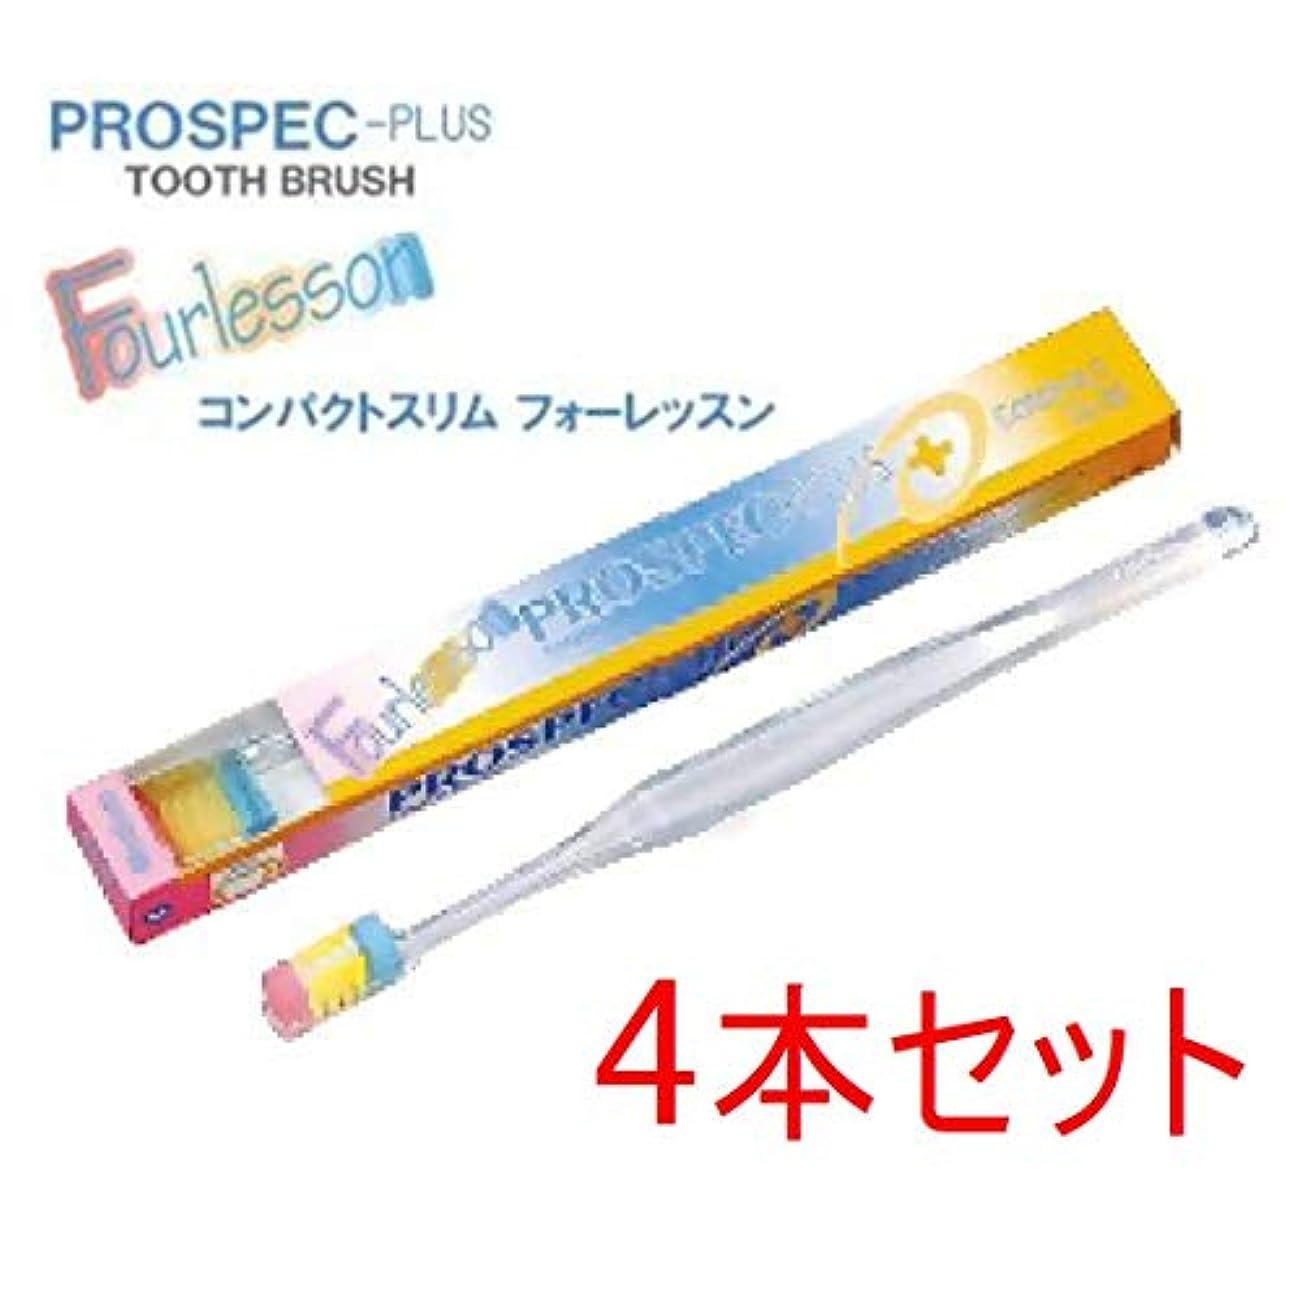 姿勢届ける禁止プロスペック 歯ブラシ コンパクトスリム 4本 フォーレッスン 毛の硬さ ふつう